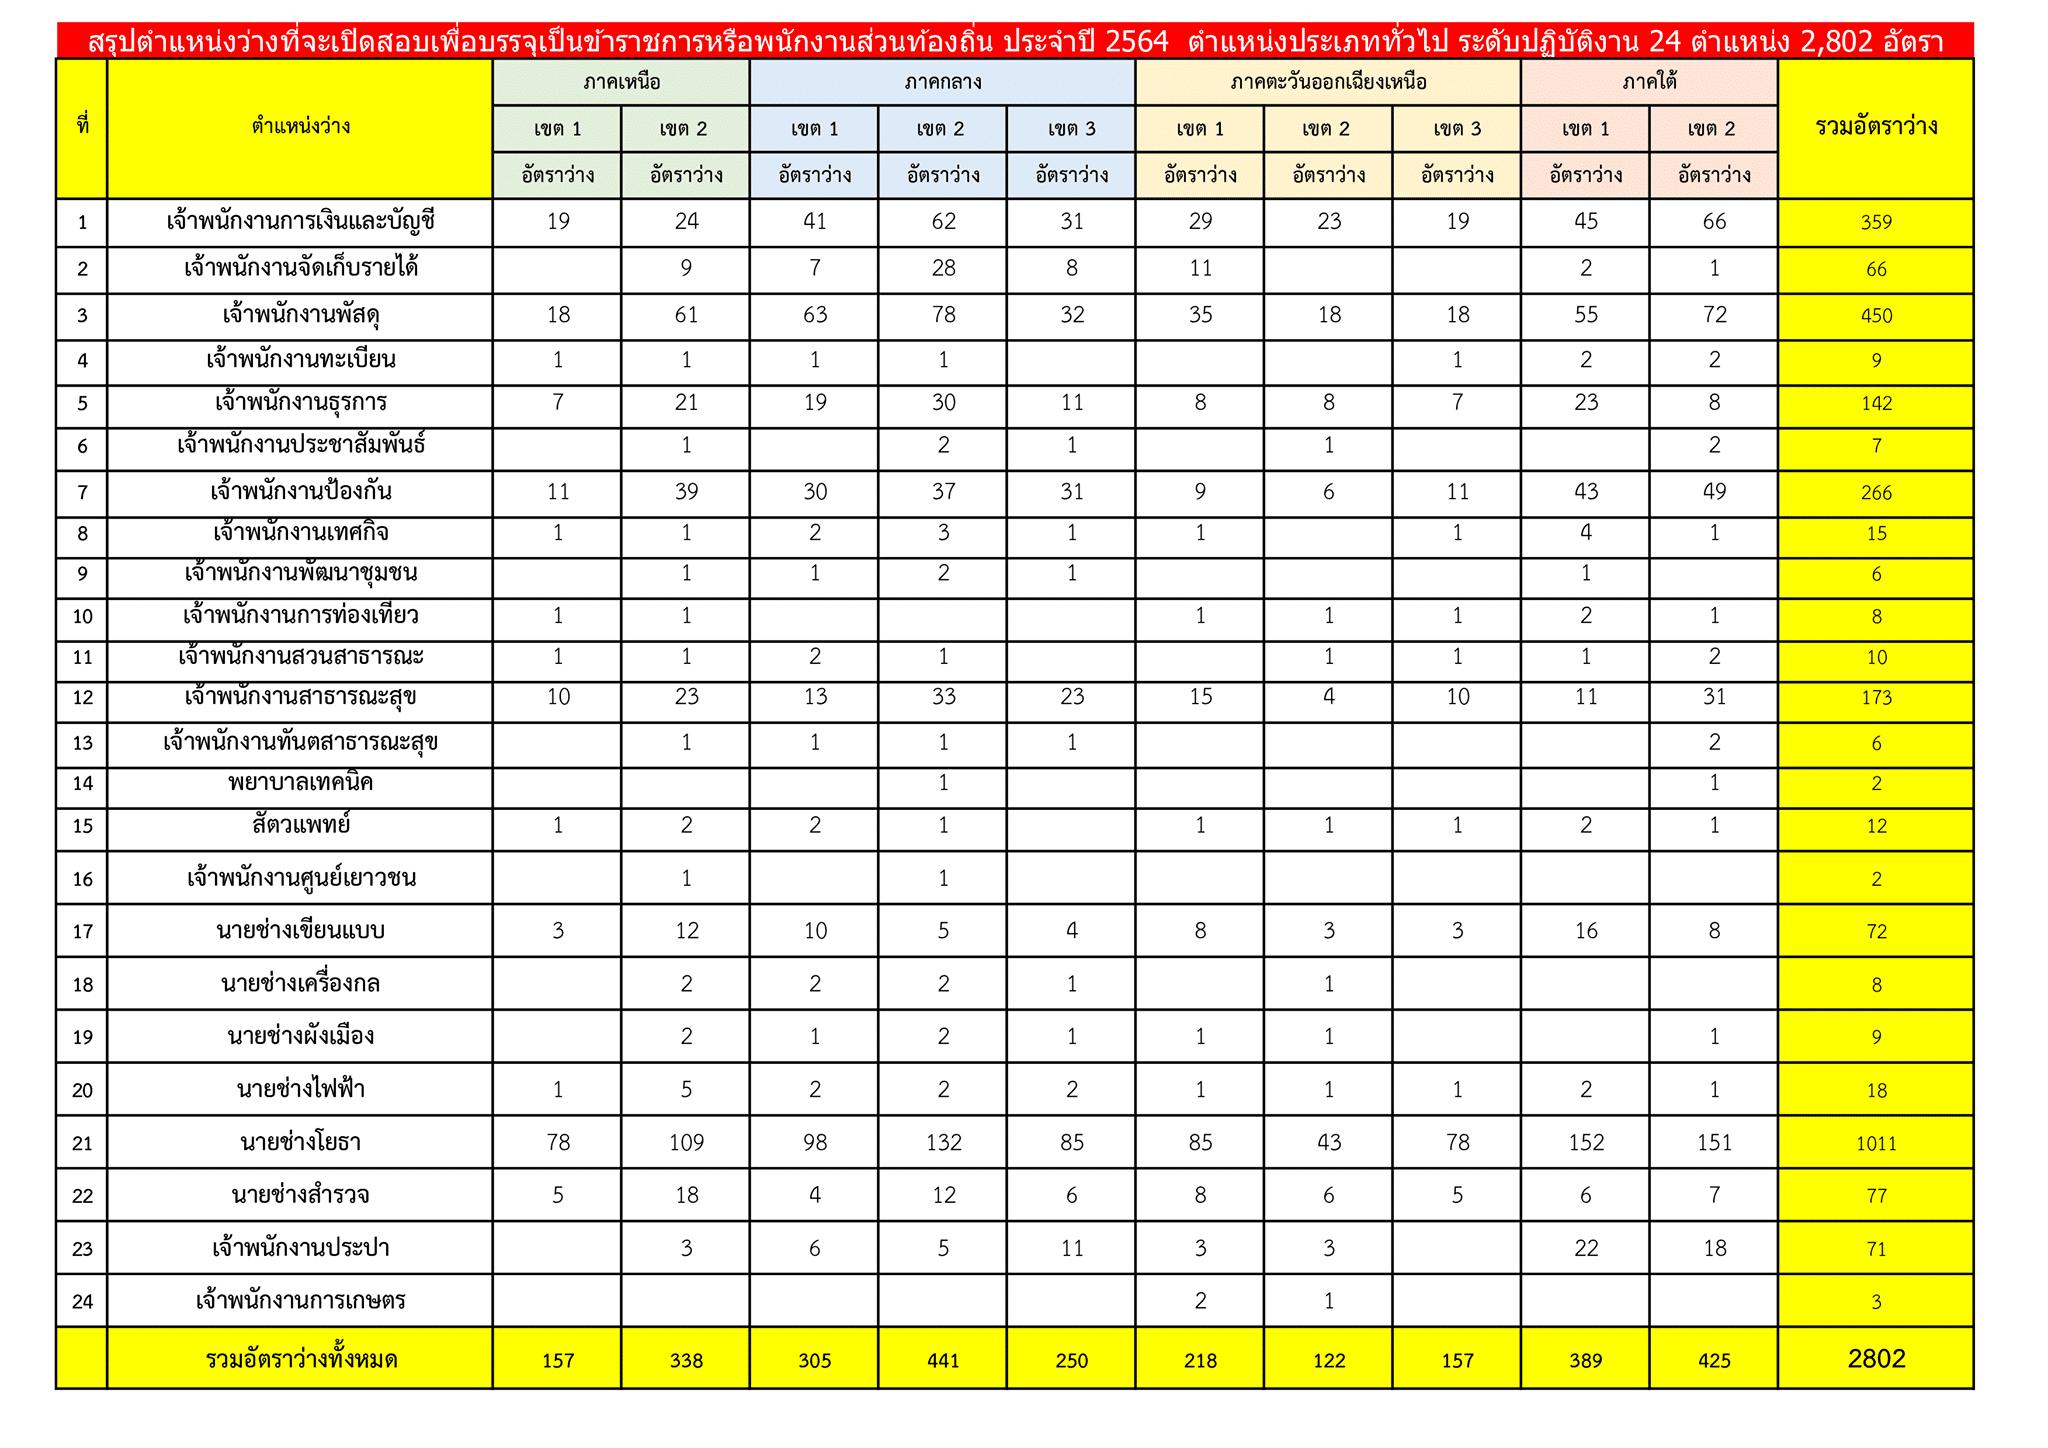 กรมส่งเสริมการปกครองท้องถิ่น ประกาศรับสมัครสอบแข่งขันเพื่อบรรจุรับราชการ (ครูผู้ช่วย / ครูผู้ดูแลเด็ก จำนวน 23 ตำแหน่ง 1,164 อัตรา)